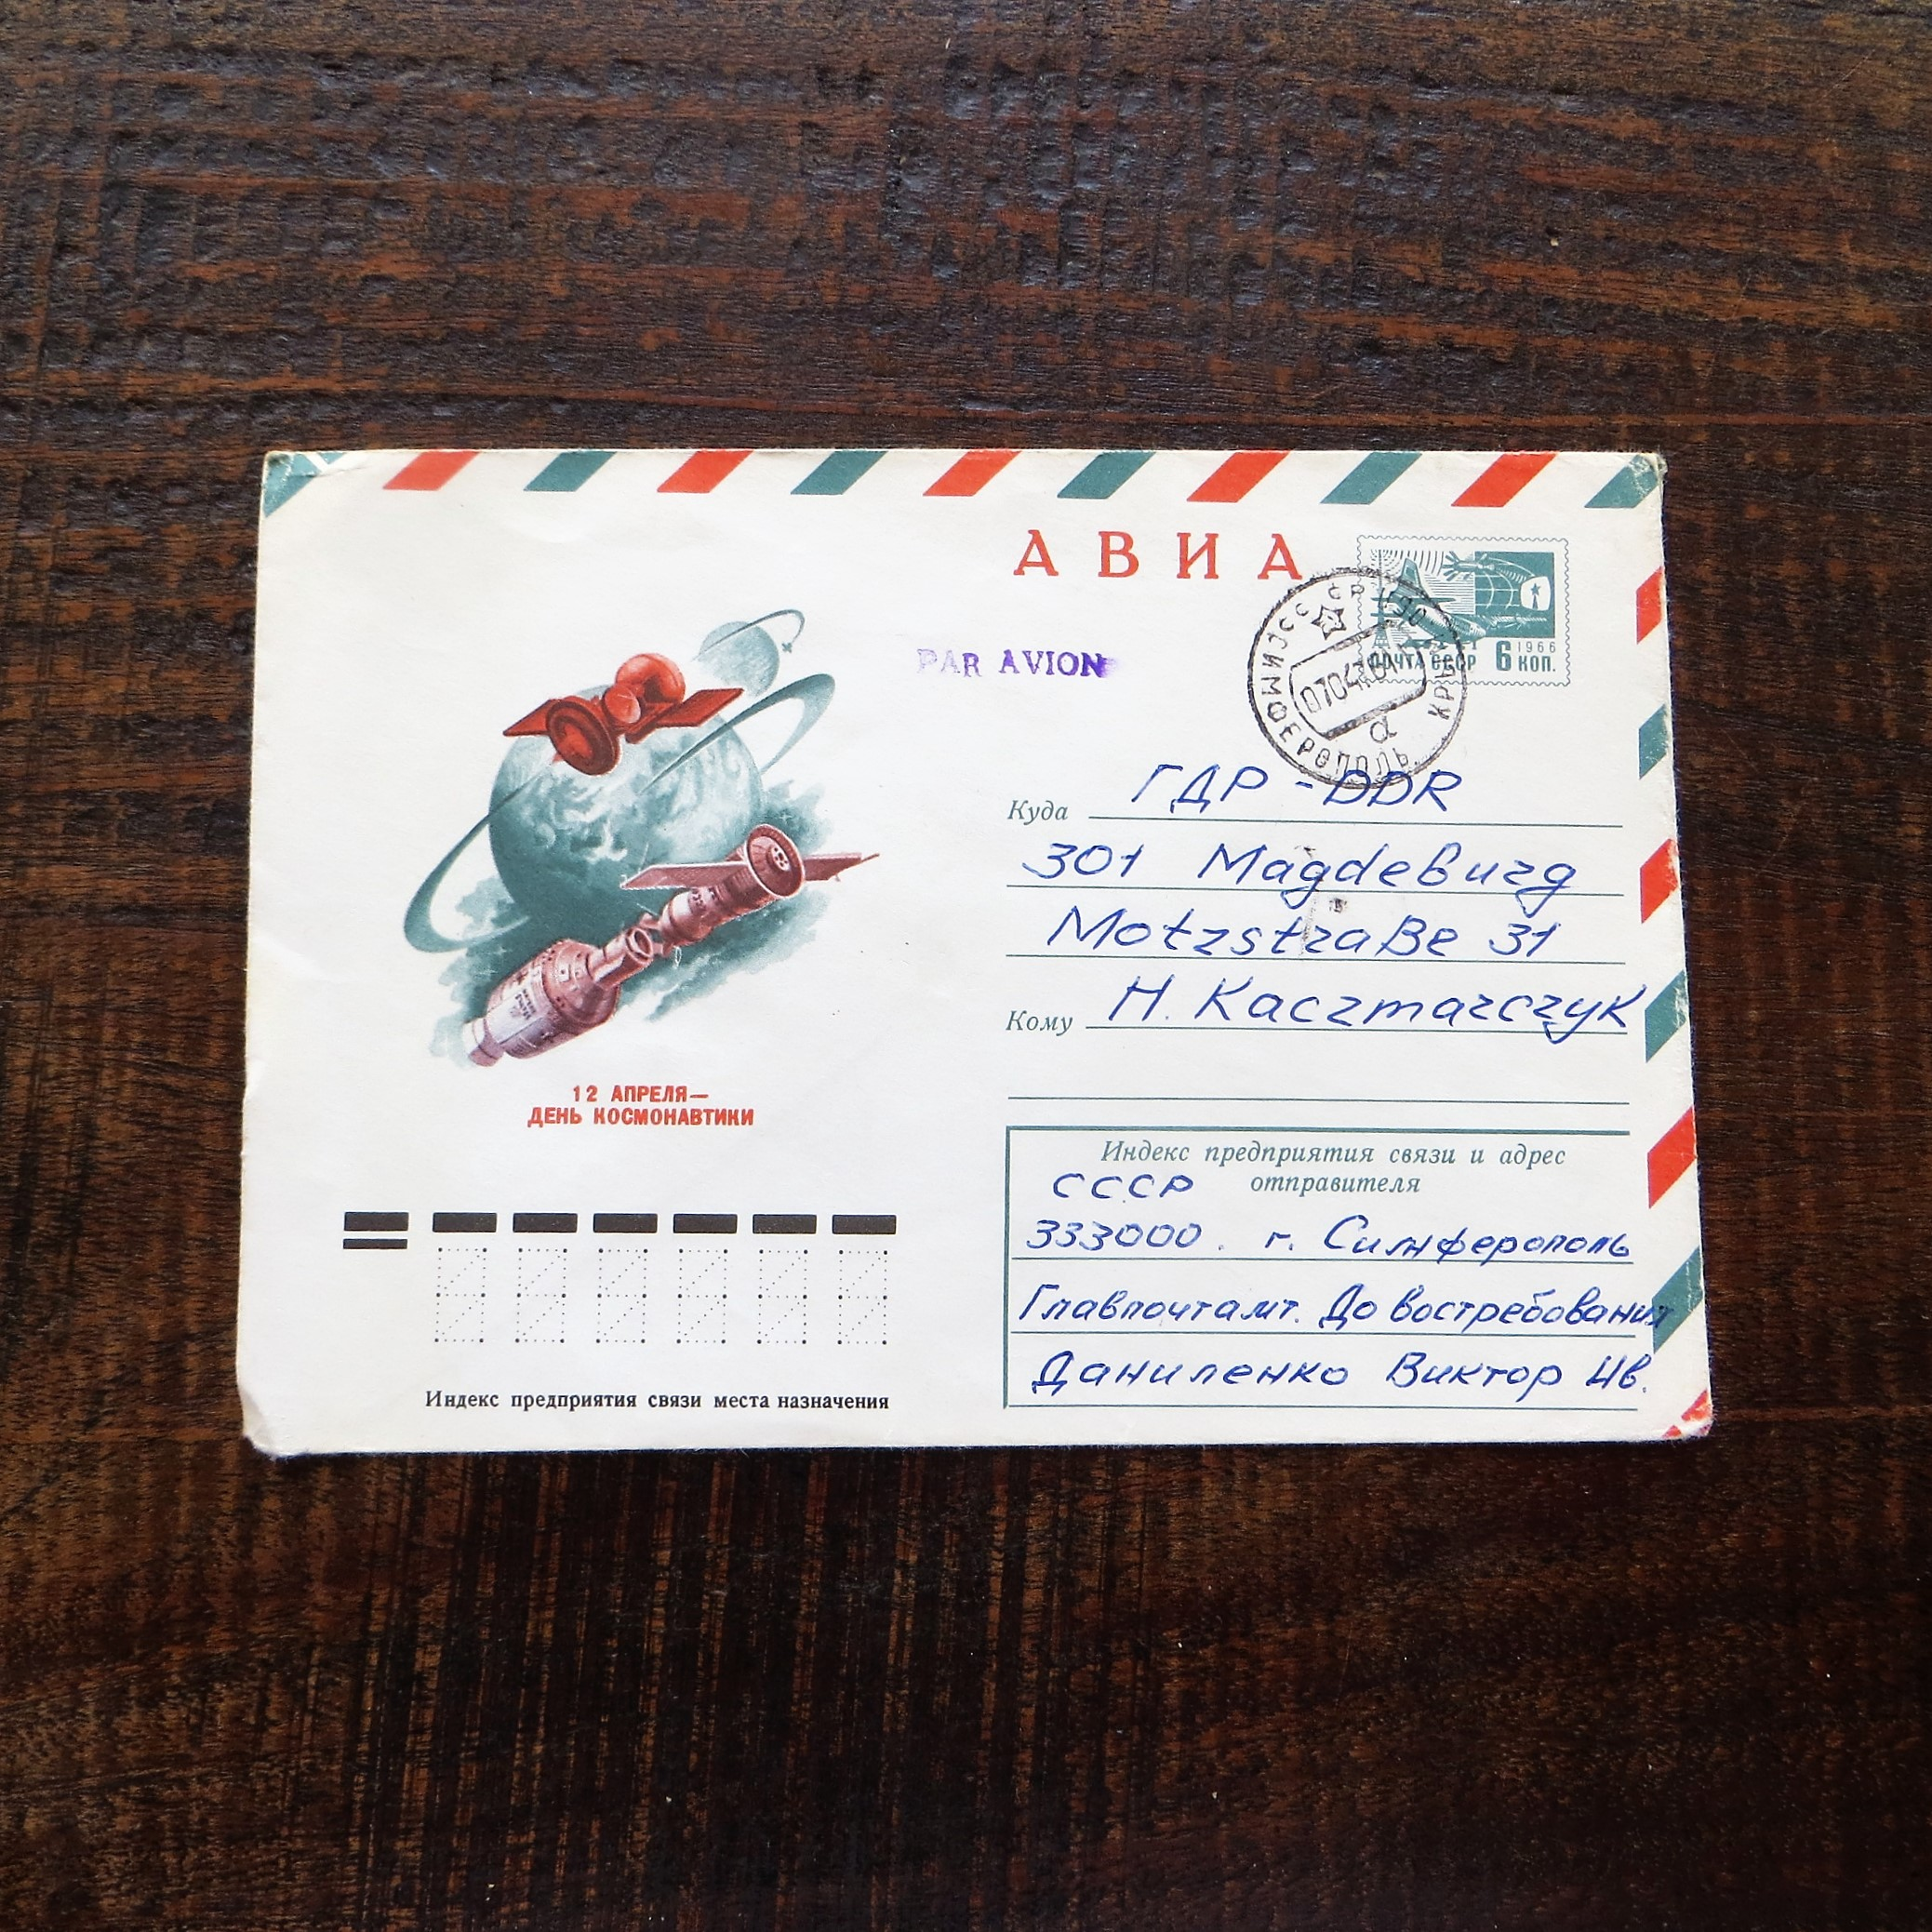 fdc-cosmonautics-day-1976-1